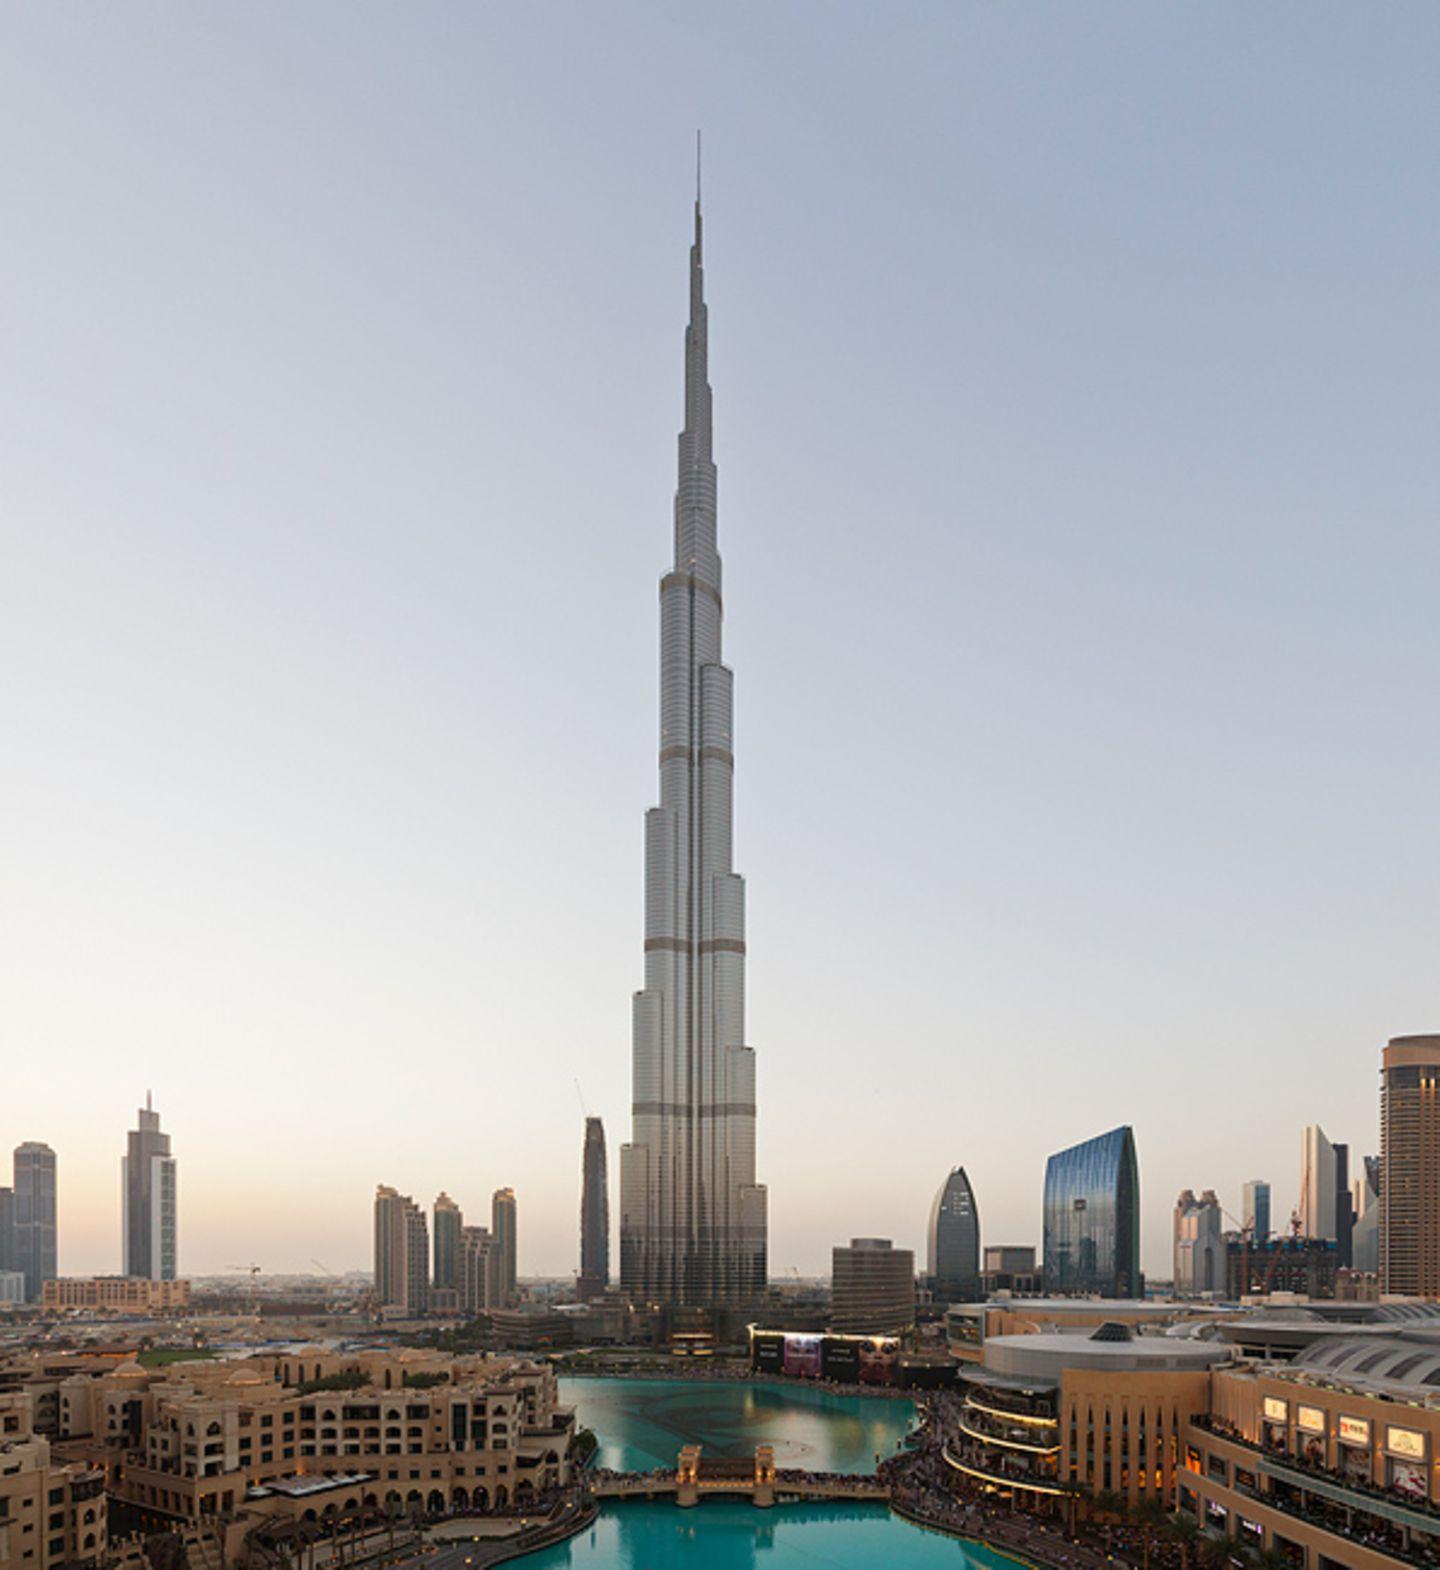 Burj Khalifa, 2014